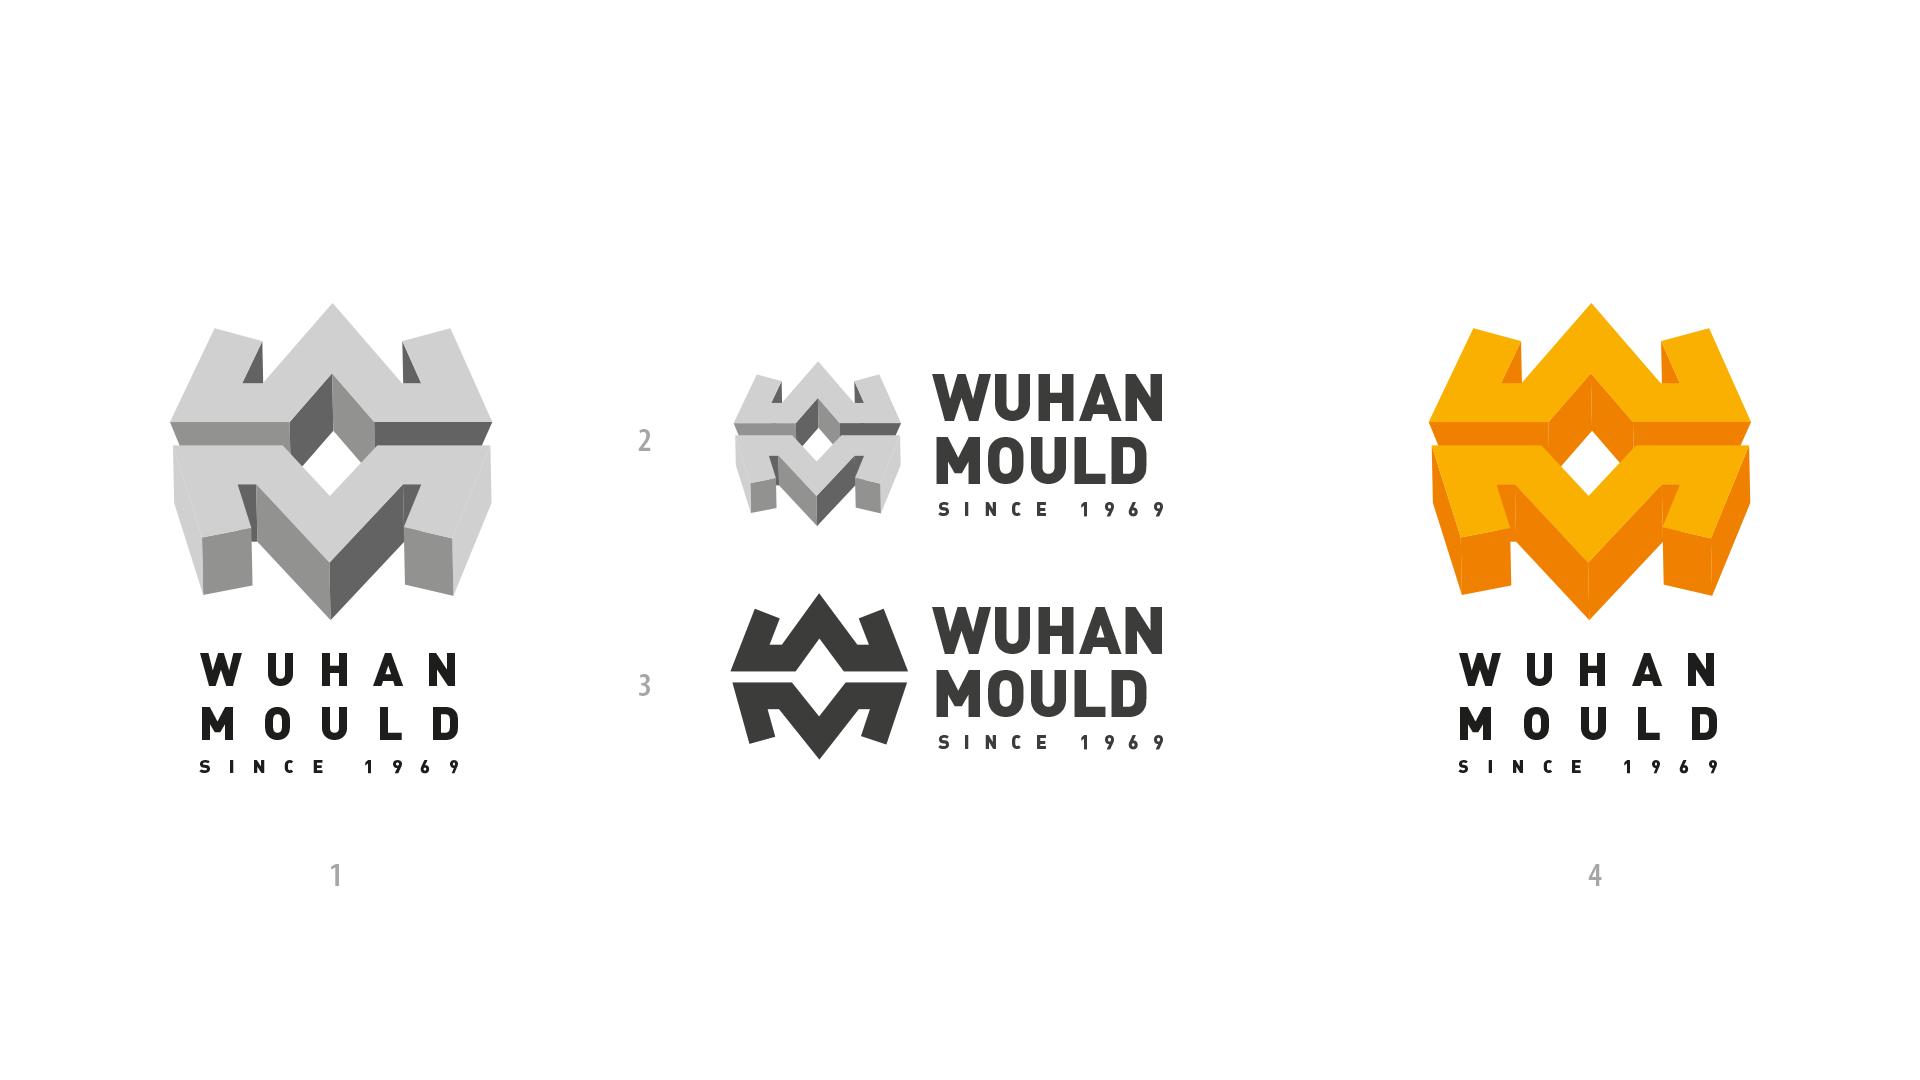 Создать логотип для фабрики пресс-форм фото f_978598c1bac9bb7f.png